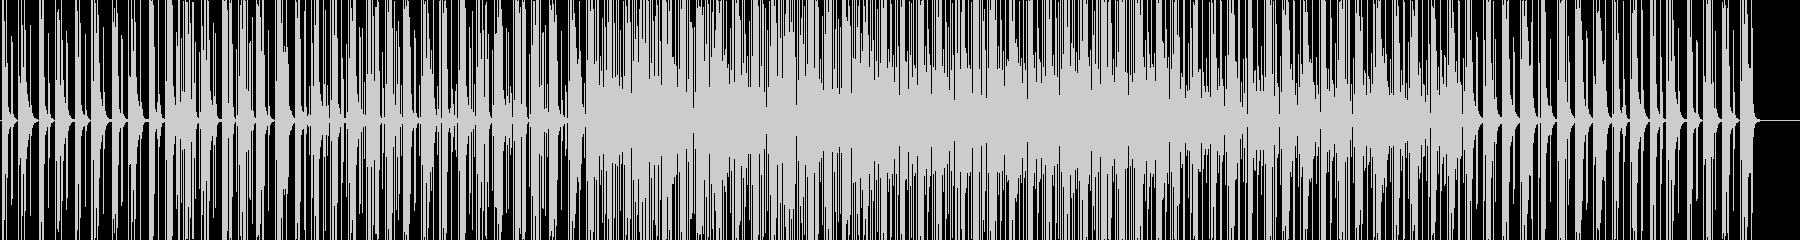 かわいいサンプリングエレクトロニカハウスの未再生の波形